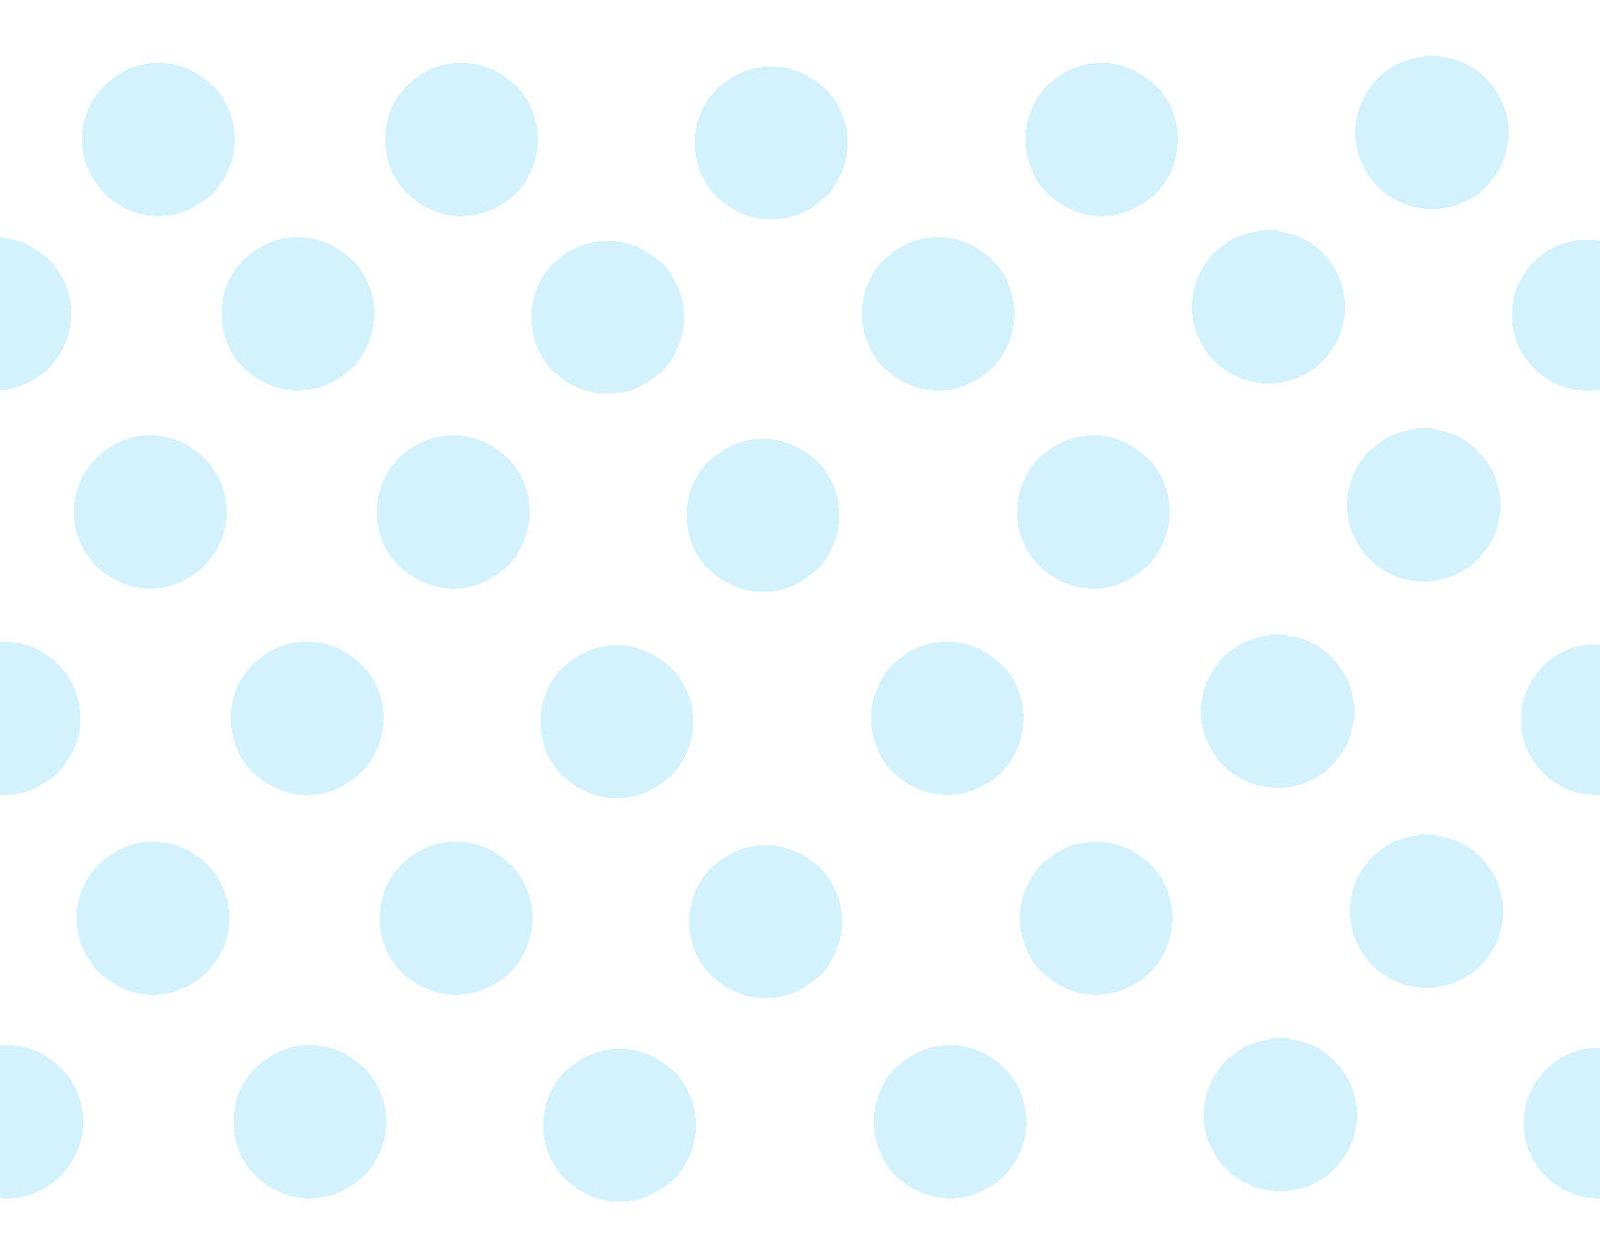 pastel blue polka dots background wwwimgkidcom the